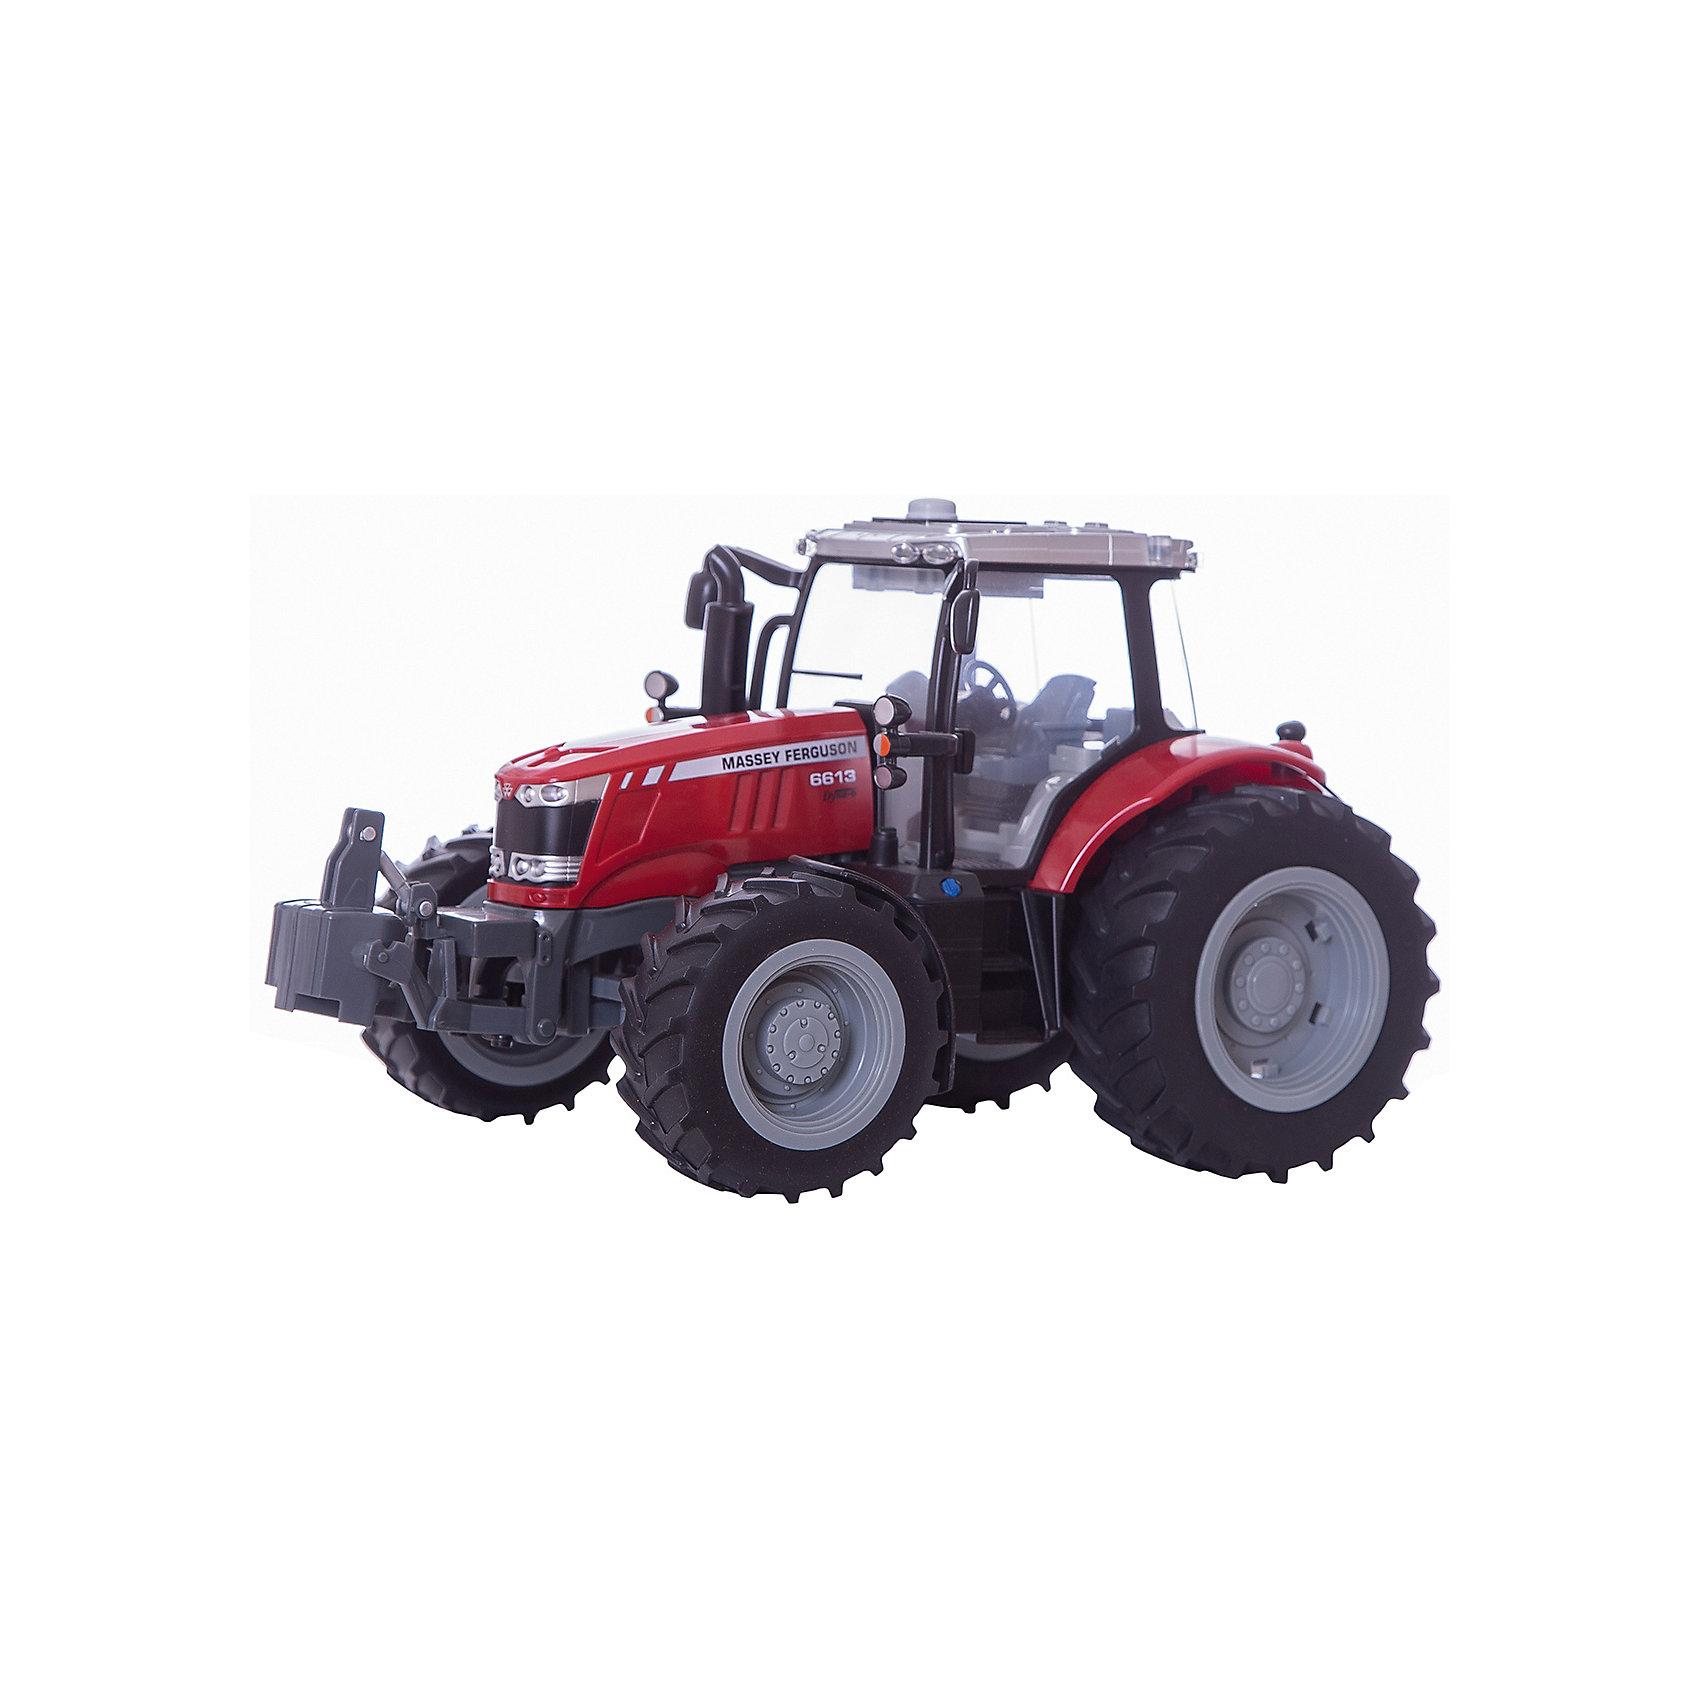 Трактор с подсветкой и звуком MASSEY FERGUSON 6613, TomyРазнообразную технику обожает множество современных мальчишек, поэтому трактор, выглядящий почти как настоящий, обязательно порадует ребенка. Такие игрушки помогают детям развивать воображение, мелкую моторику, логику и творческое мышление.<br>Машина прекрасно детализирована, оснащена звуковыми и световыми эффектами. Мощные колеса проедут легко по любой поверхности, с трактором можно играть на улице. Игрушка очень прочная. Кабина открытая, что позволяет помесить туда своего рабочего. С такой игрушкой можно придумать множество игр!<br><br>Дополнительная информация:<br><br>цвет: разноцветный;<br>размер: 24 х 33 х 22 см;<br>материал: пластик;<br>вес: 1900 гр;<br>работает от батареек 3хААА;<br>световые и звуковые эффекты..<br><br>Трактор с подсветкой и звуком MASSEY FERGUSON 6613, Tomy можно купить в нашем магазине.<br><br>Ширина мм: 330<br>Глубина мм: 245<br>Высота мм: 220<br>Вес г: 1928<br>Возраст от месяцев: 36<br>Возраст до месяцев: 2147483647<br>Пол: Мужской<br>Возраст: Детский<br>SKU: 4918480